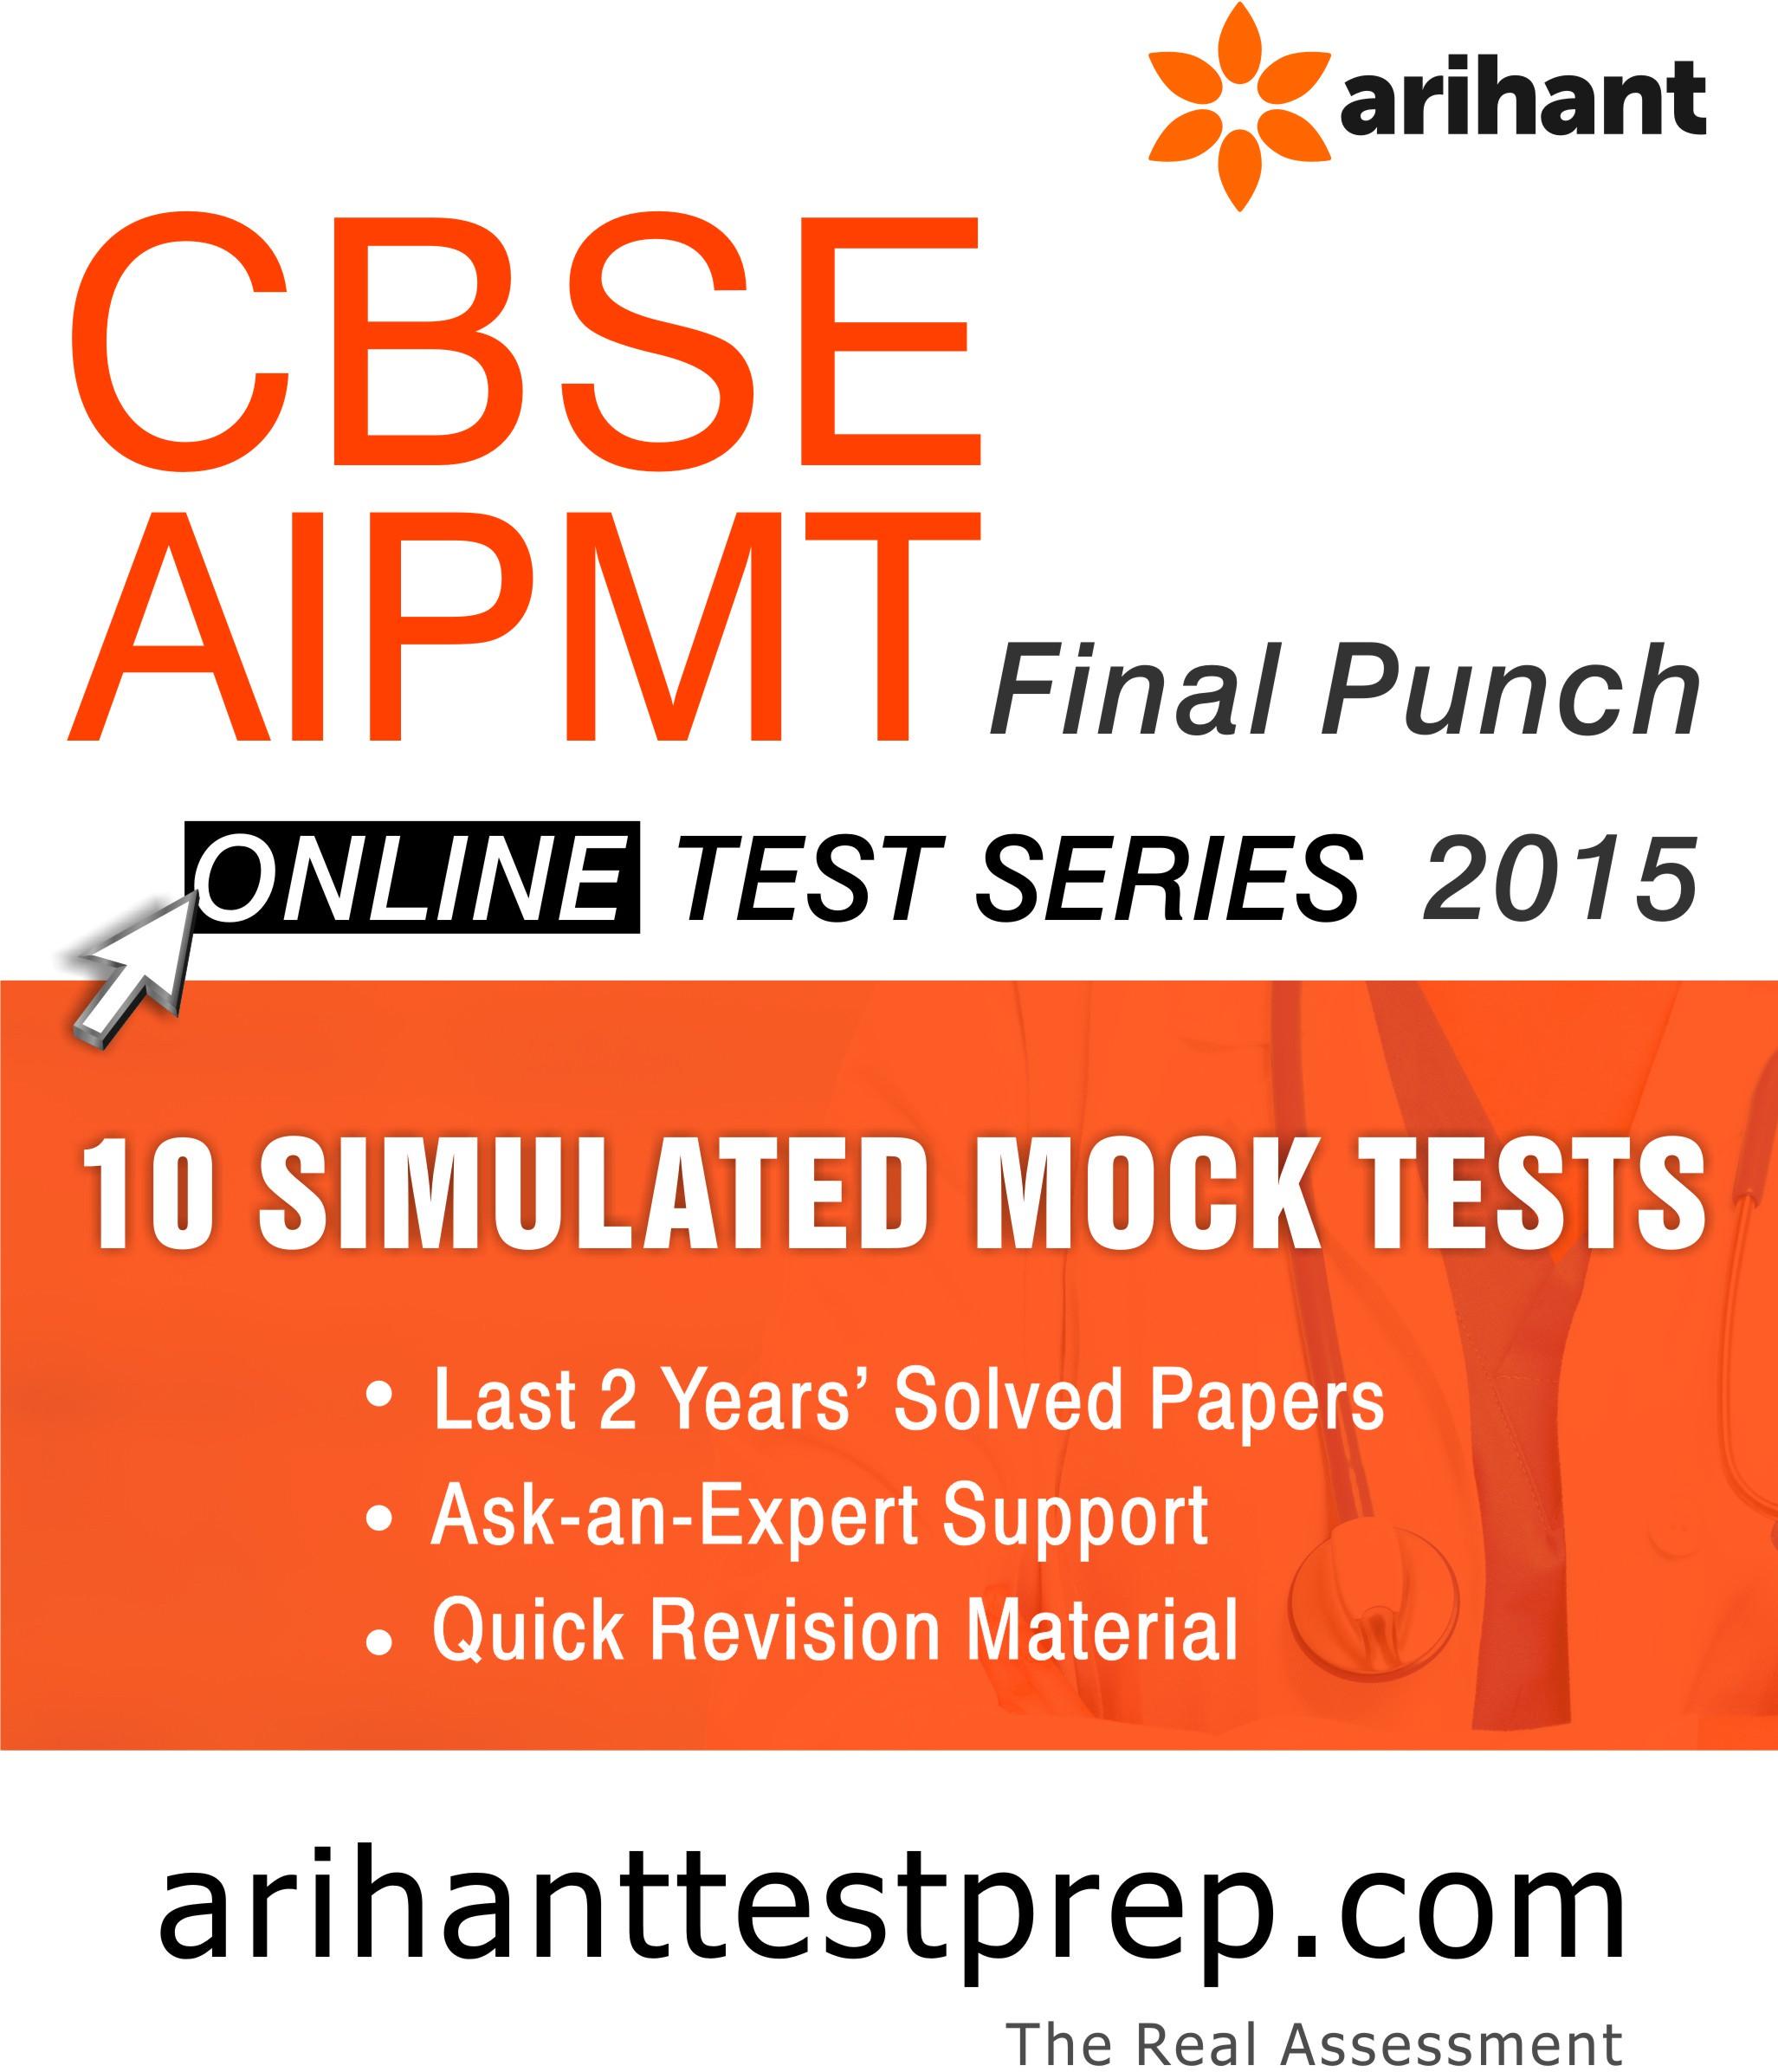 Arihant CBSE AIPMT Test Series Online Test(Voucher)